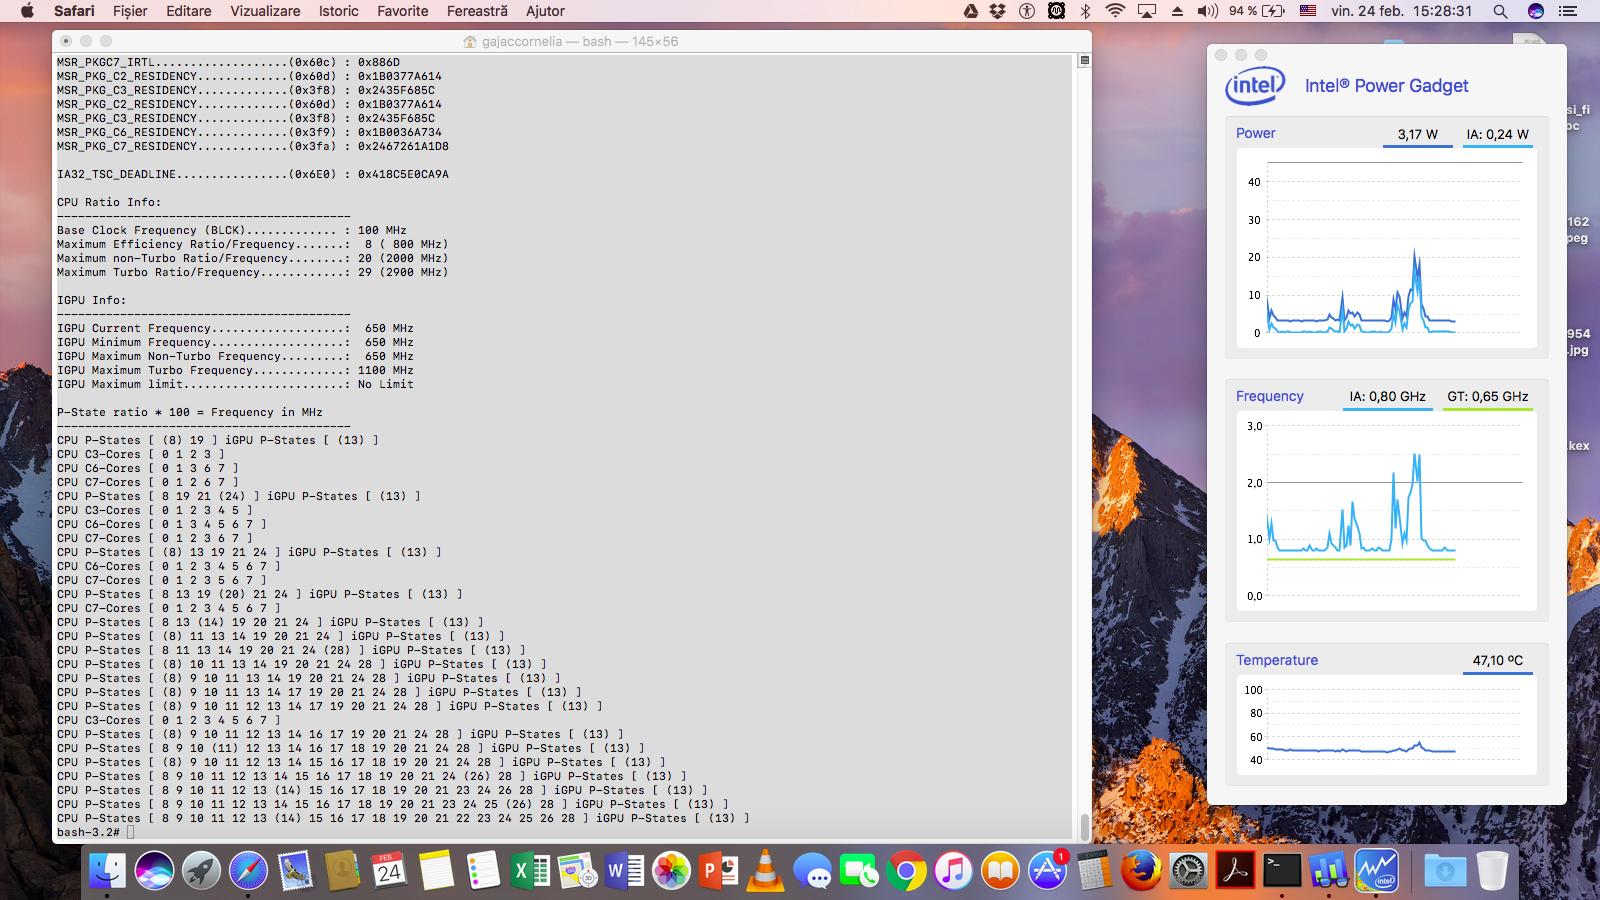 macOS Sierra on Asus N73SV Clover botloader Legacy - macOS